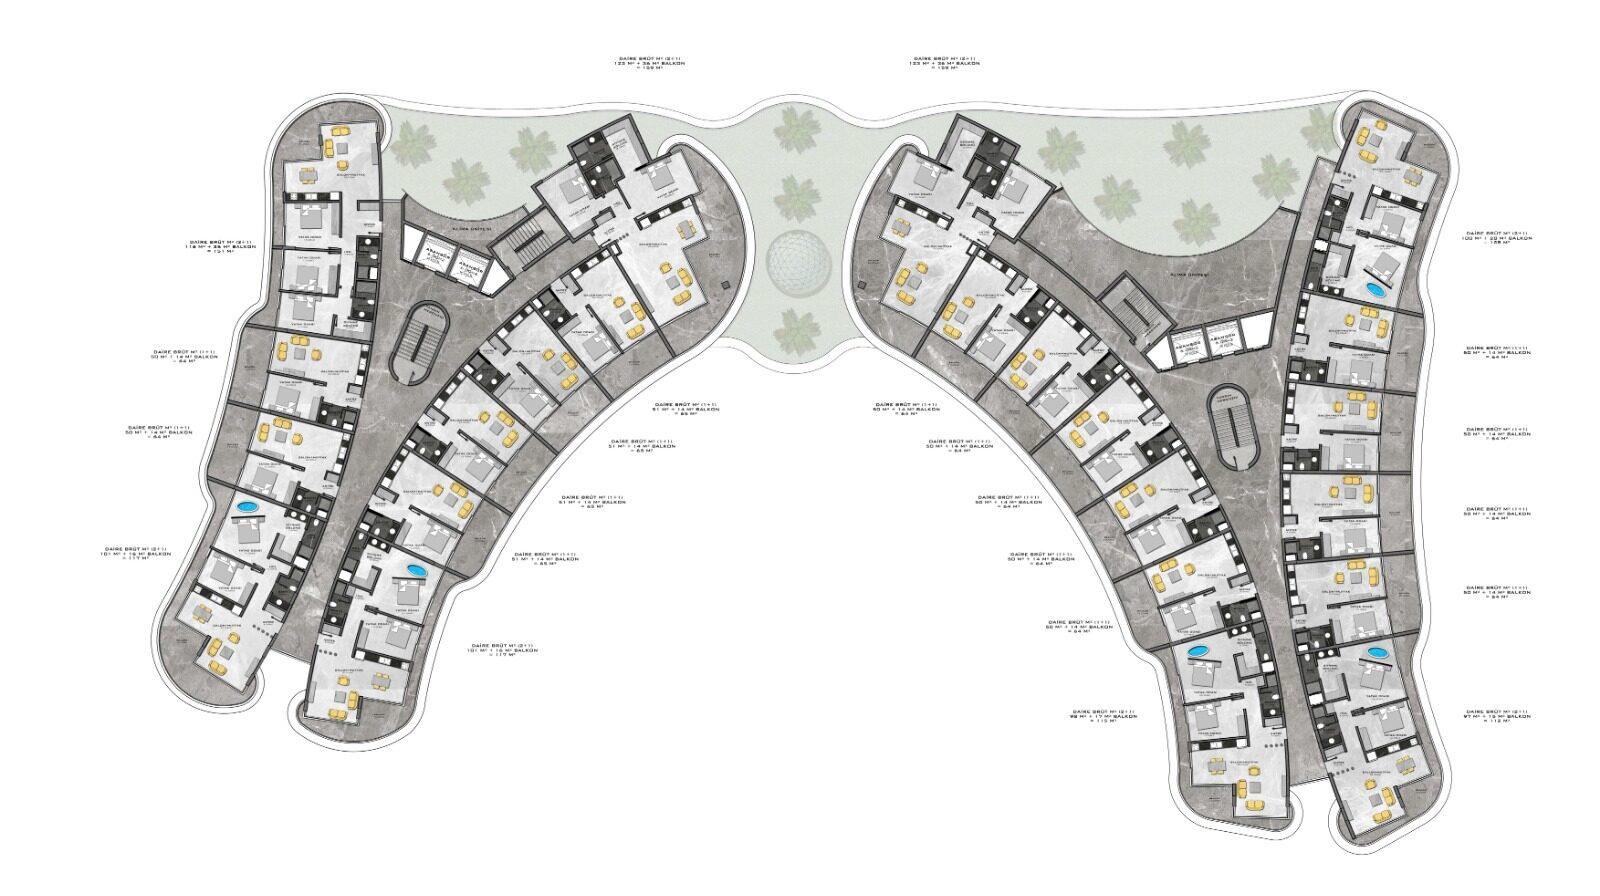 Plan of 3rd floor